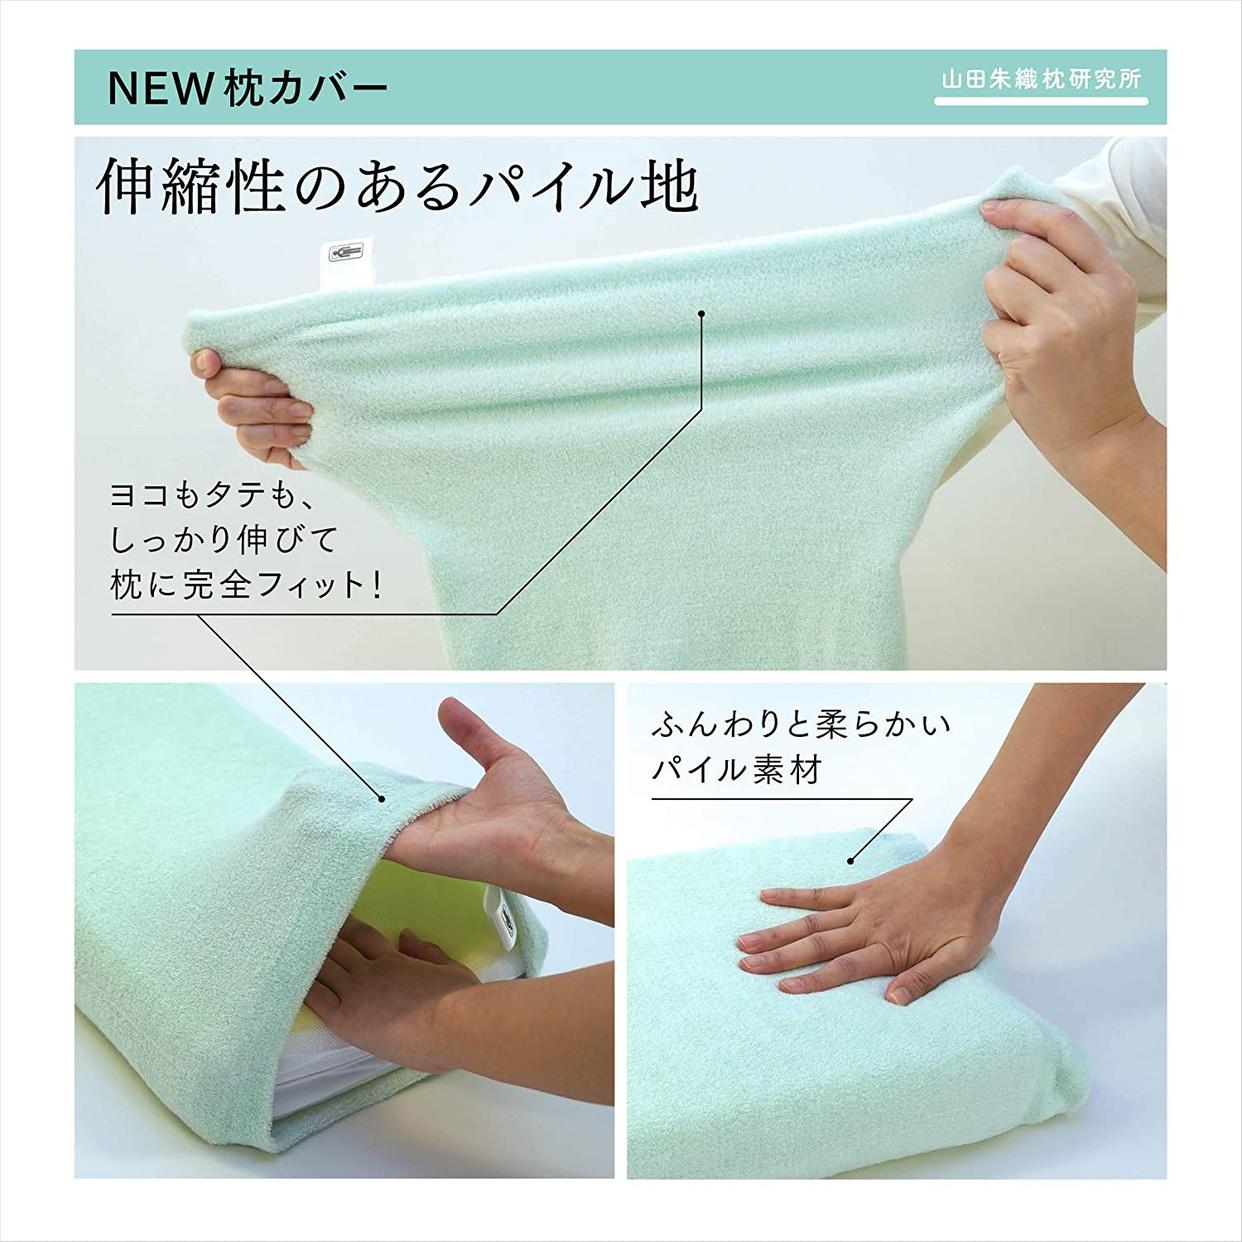 山田朱織枕研究所 整形外科枕ライトの商品画像9